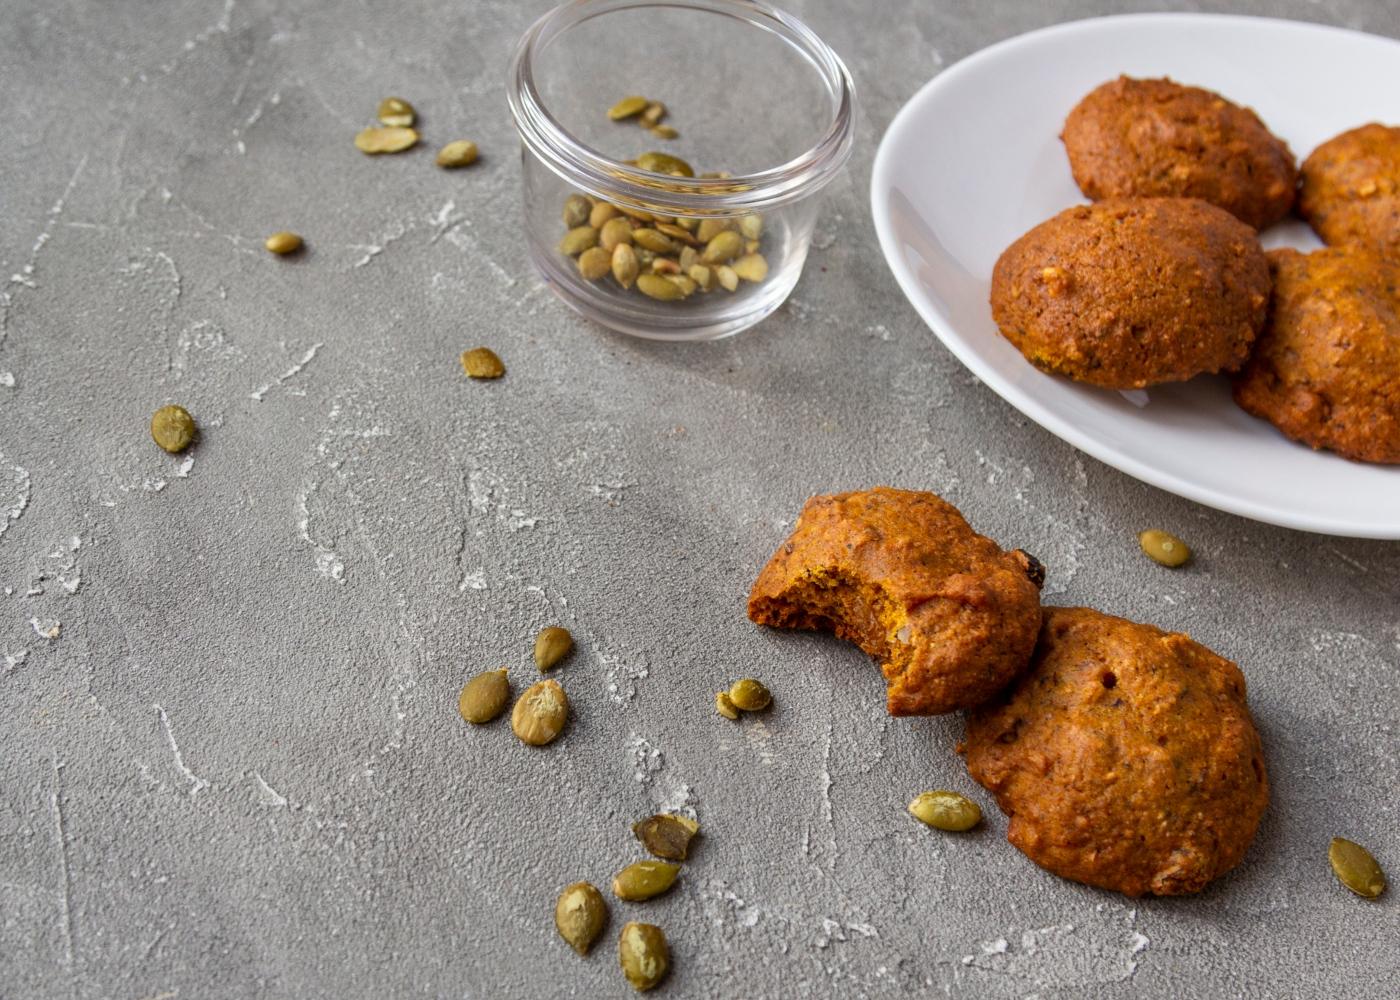 Receitas de snacks à base de hortícolas: bolachas de abóbora